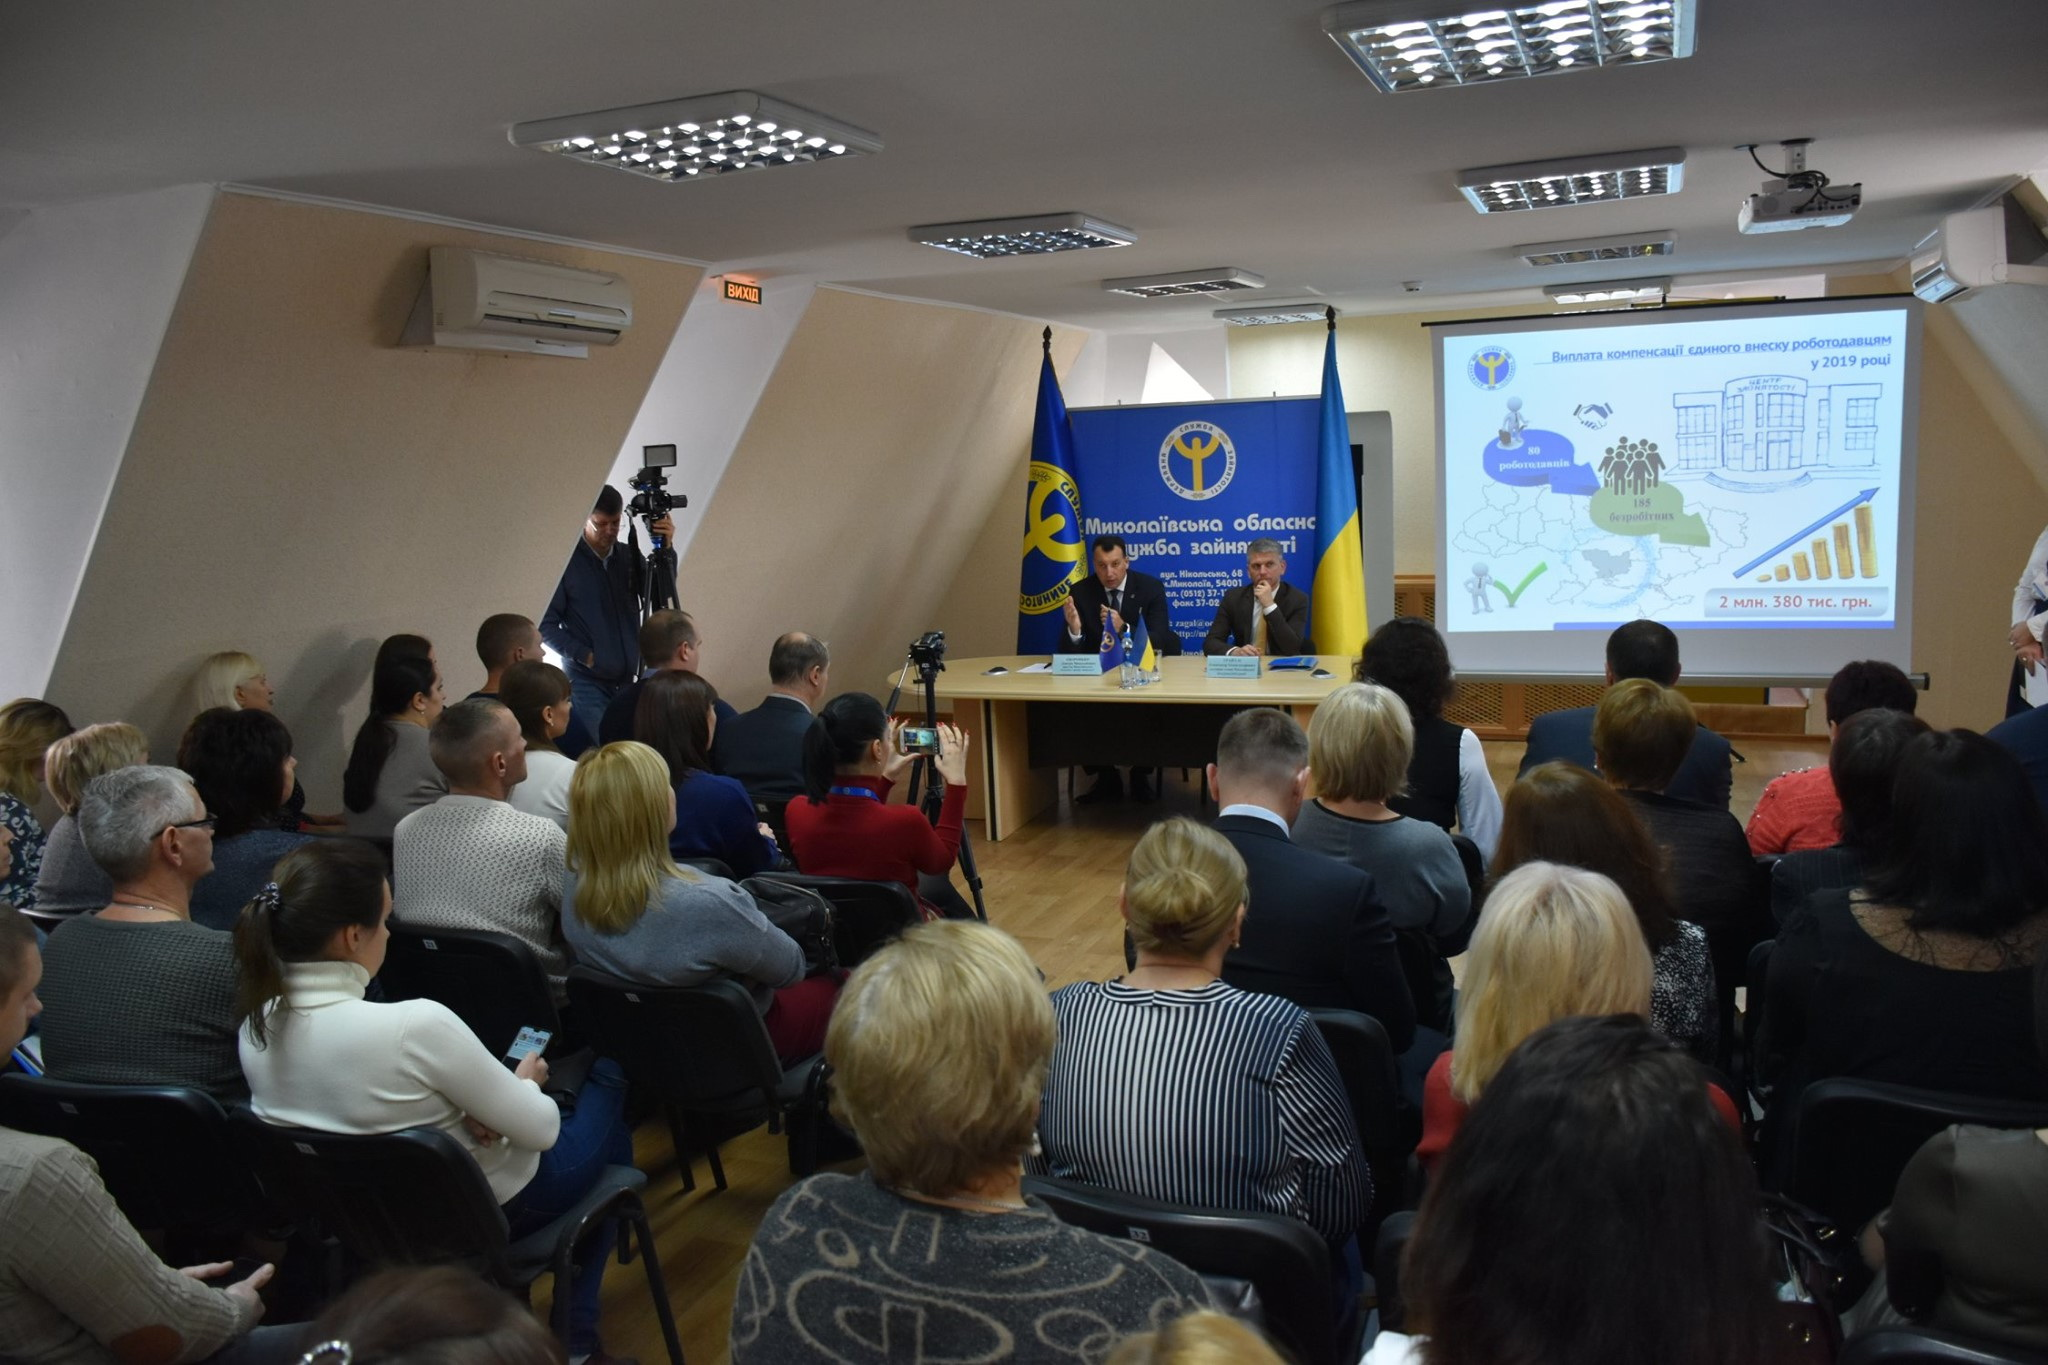 Николаевская область: итоги оказания финпомощи бизнес инициативам